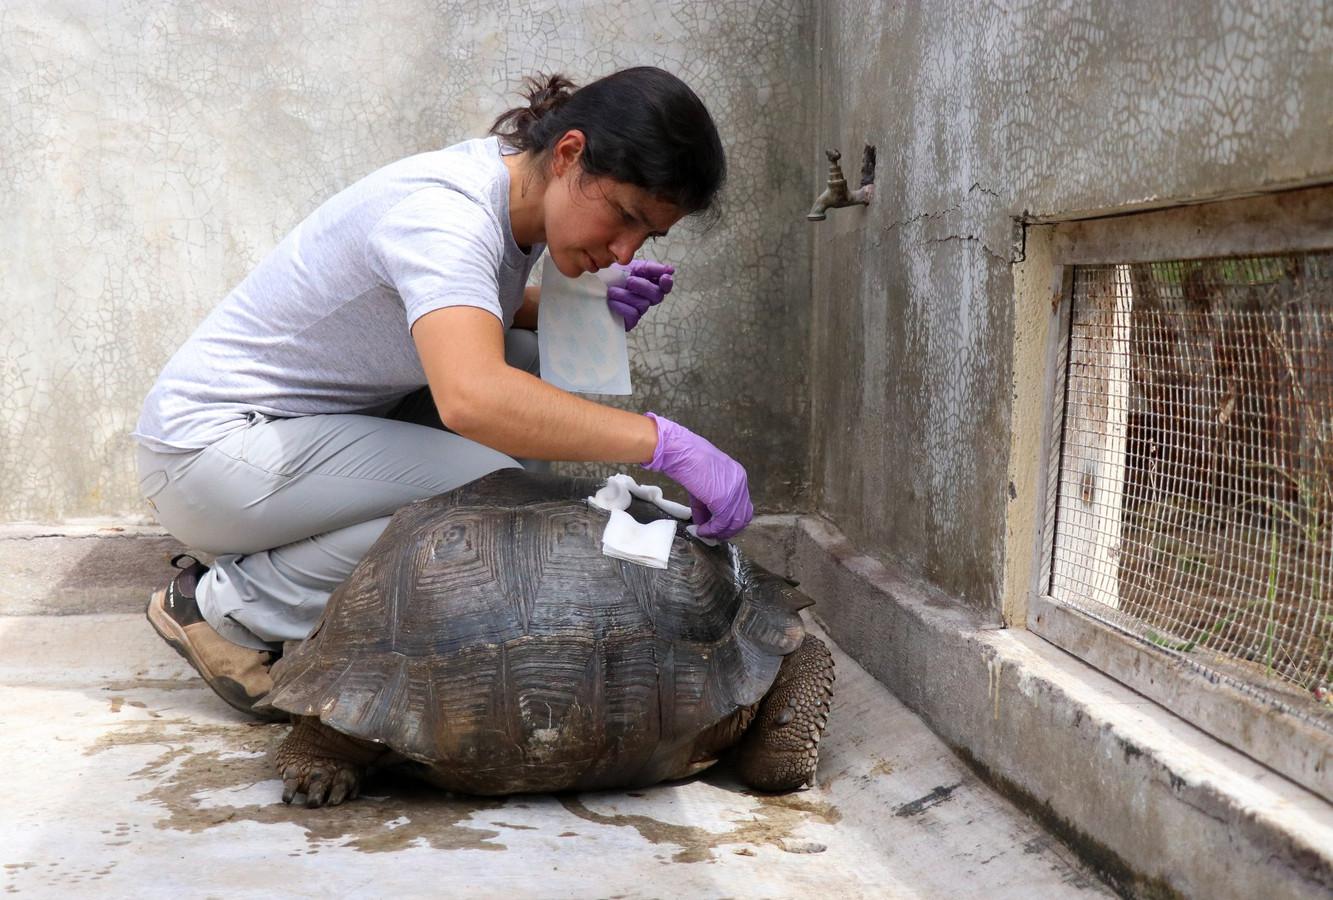 Het schildpad wordt verzorgd door medewerkers van het Parque Nacional Galápagos.